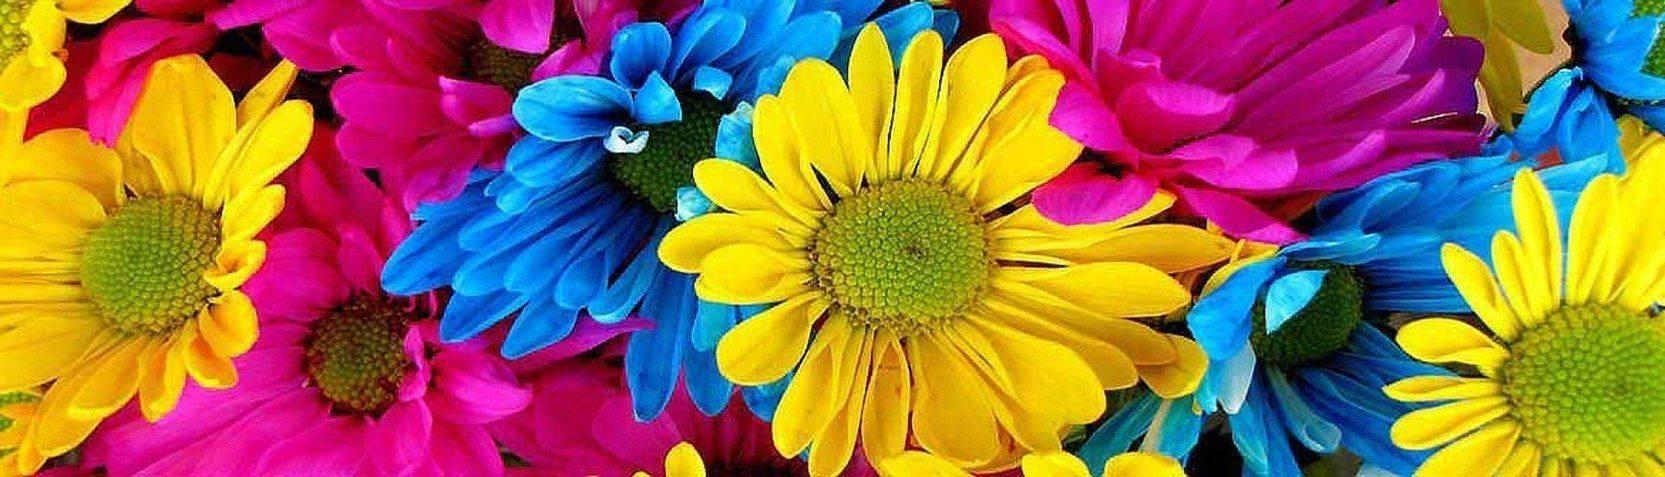 Collezioni - Quadri fiori